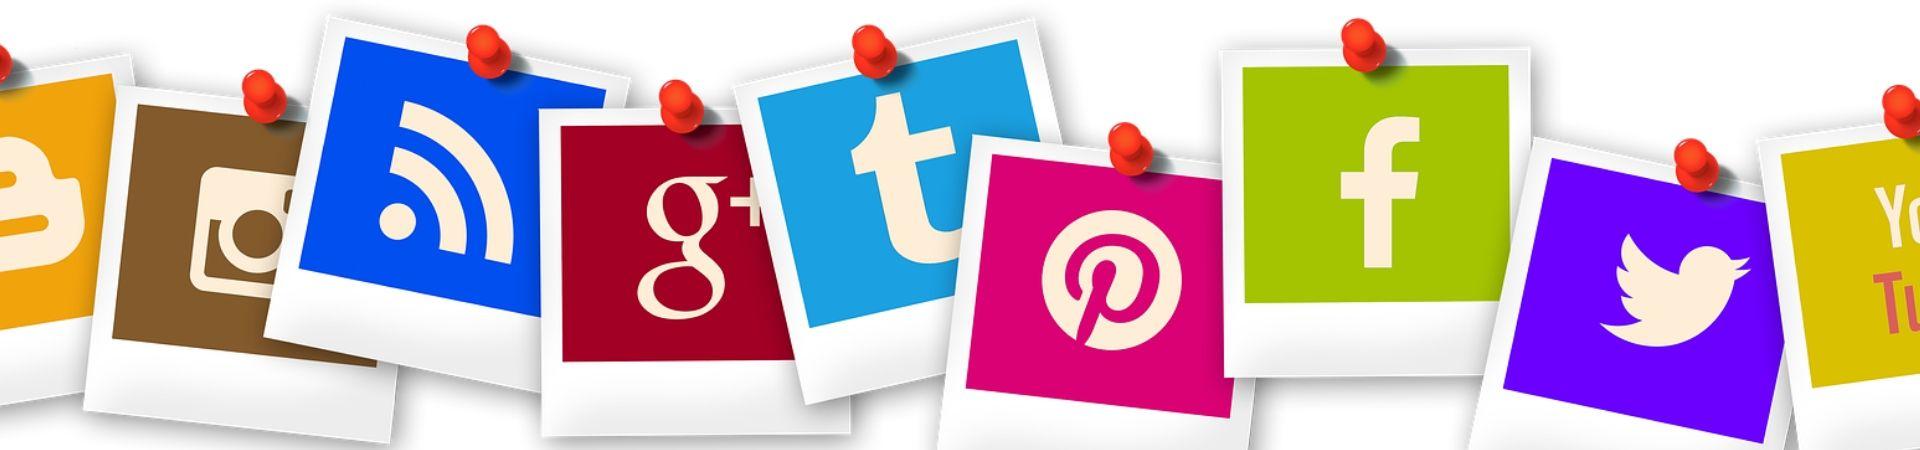 socialmedia-tlo